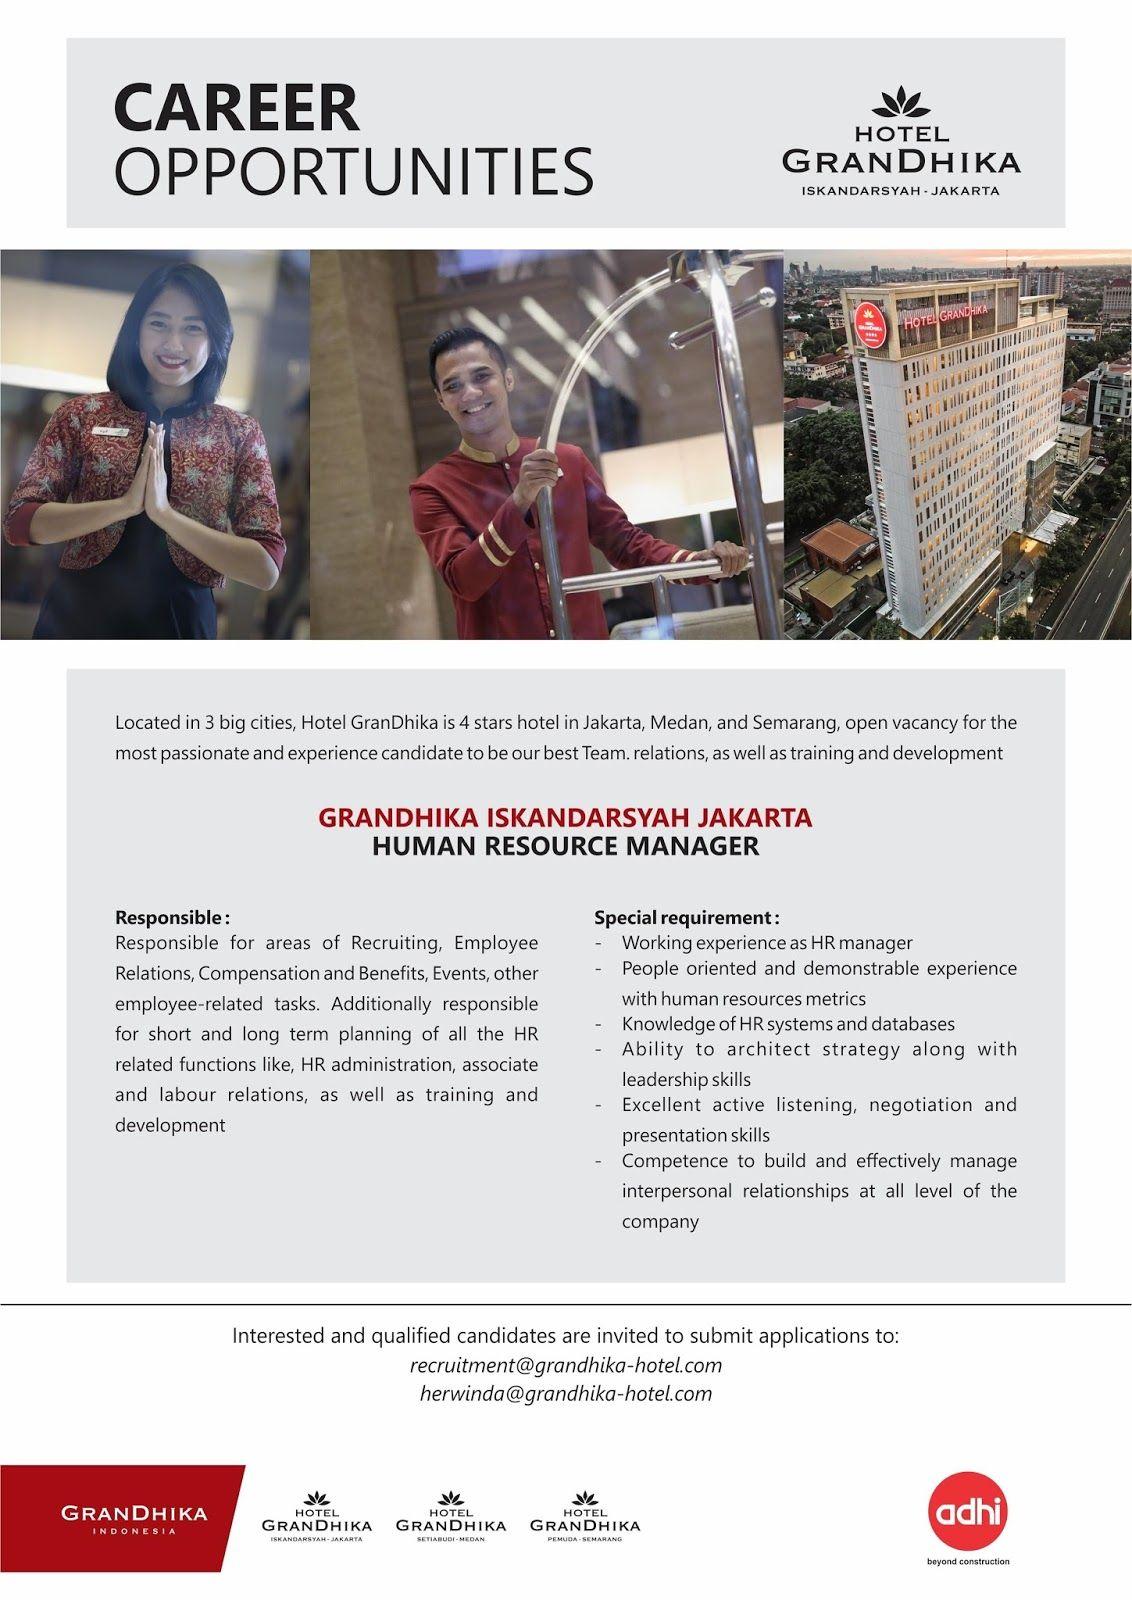 Grandhika Hotel Job News Dengan Gambar